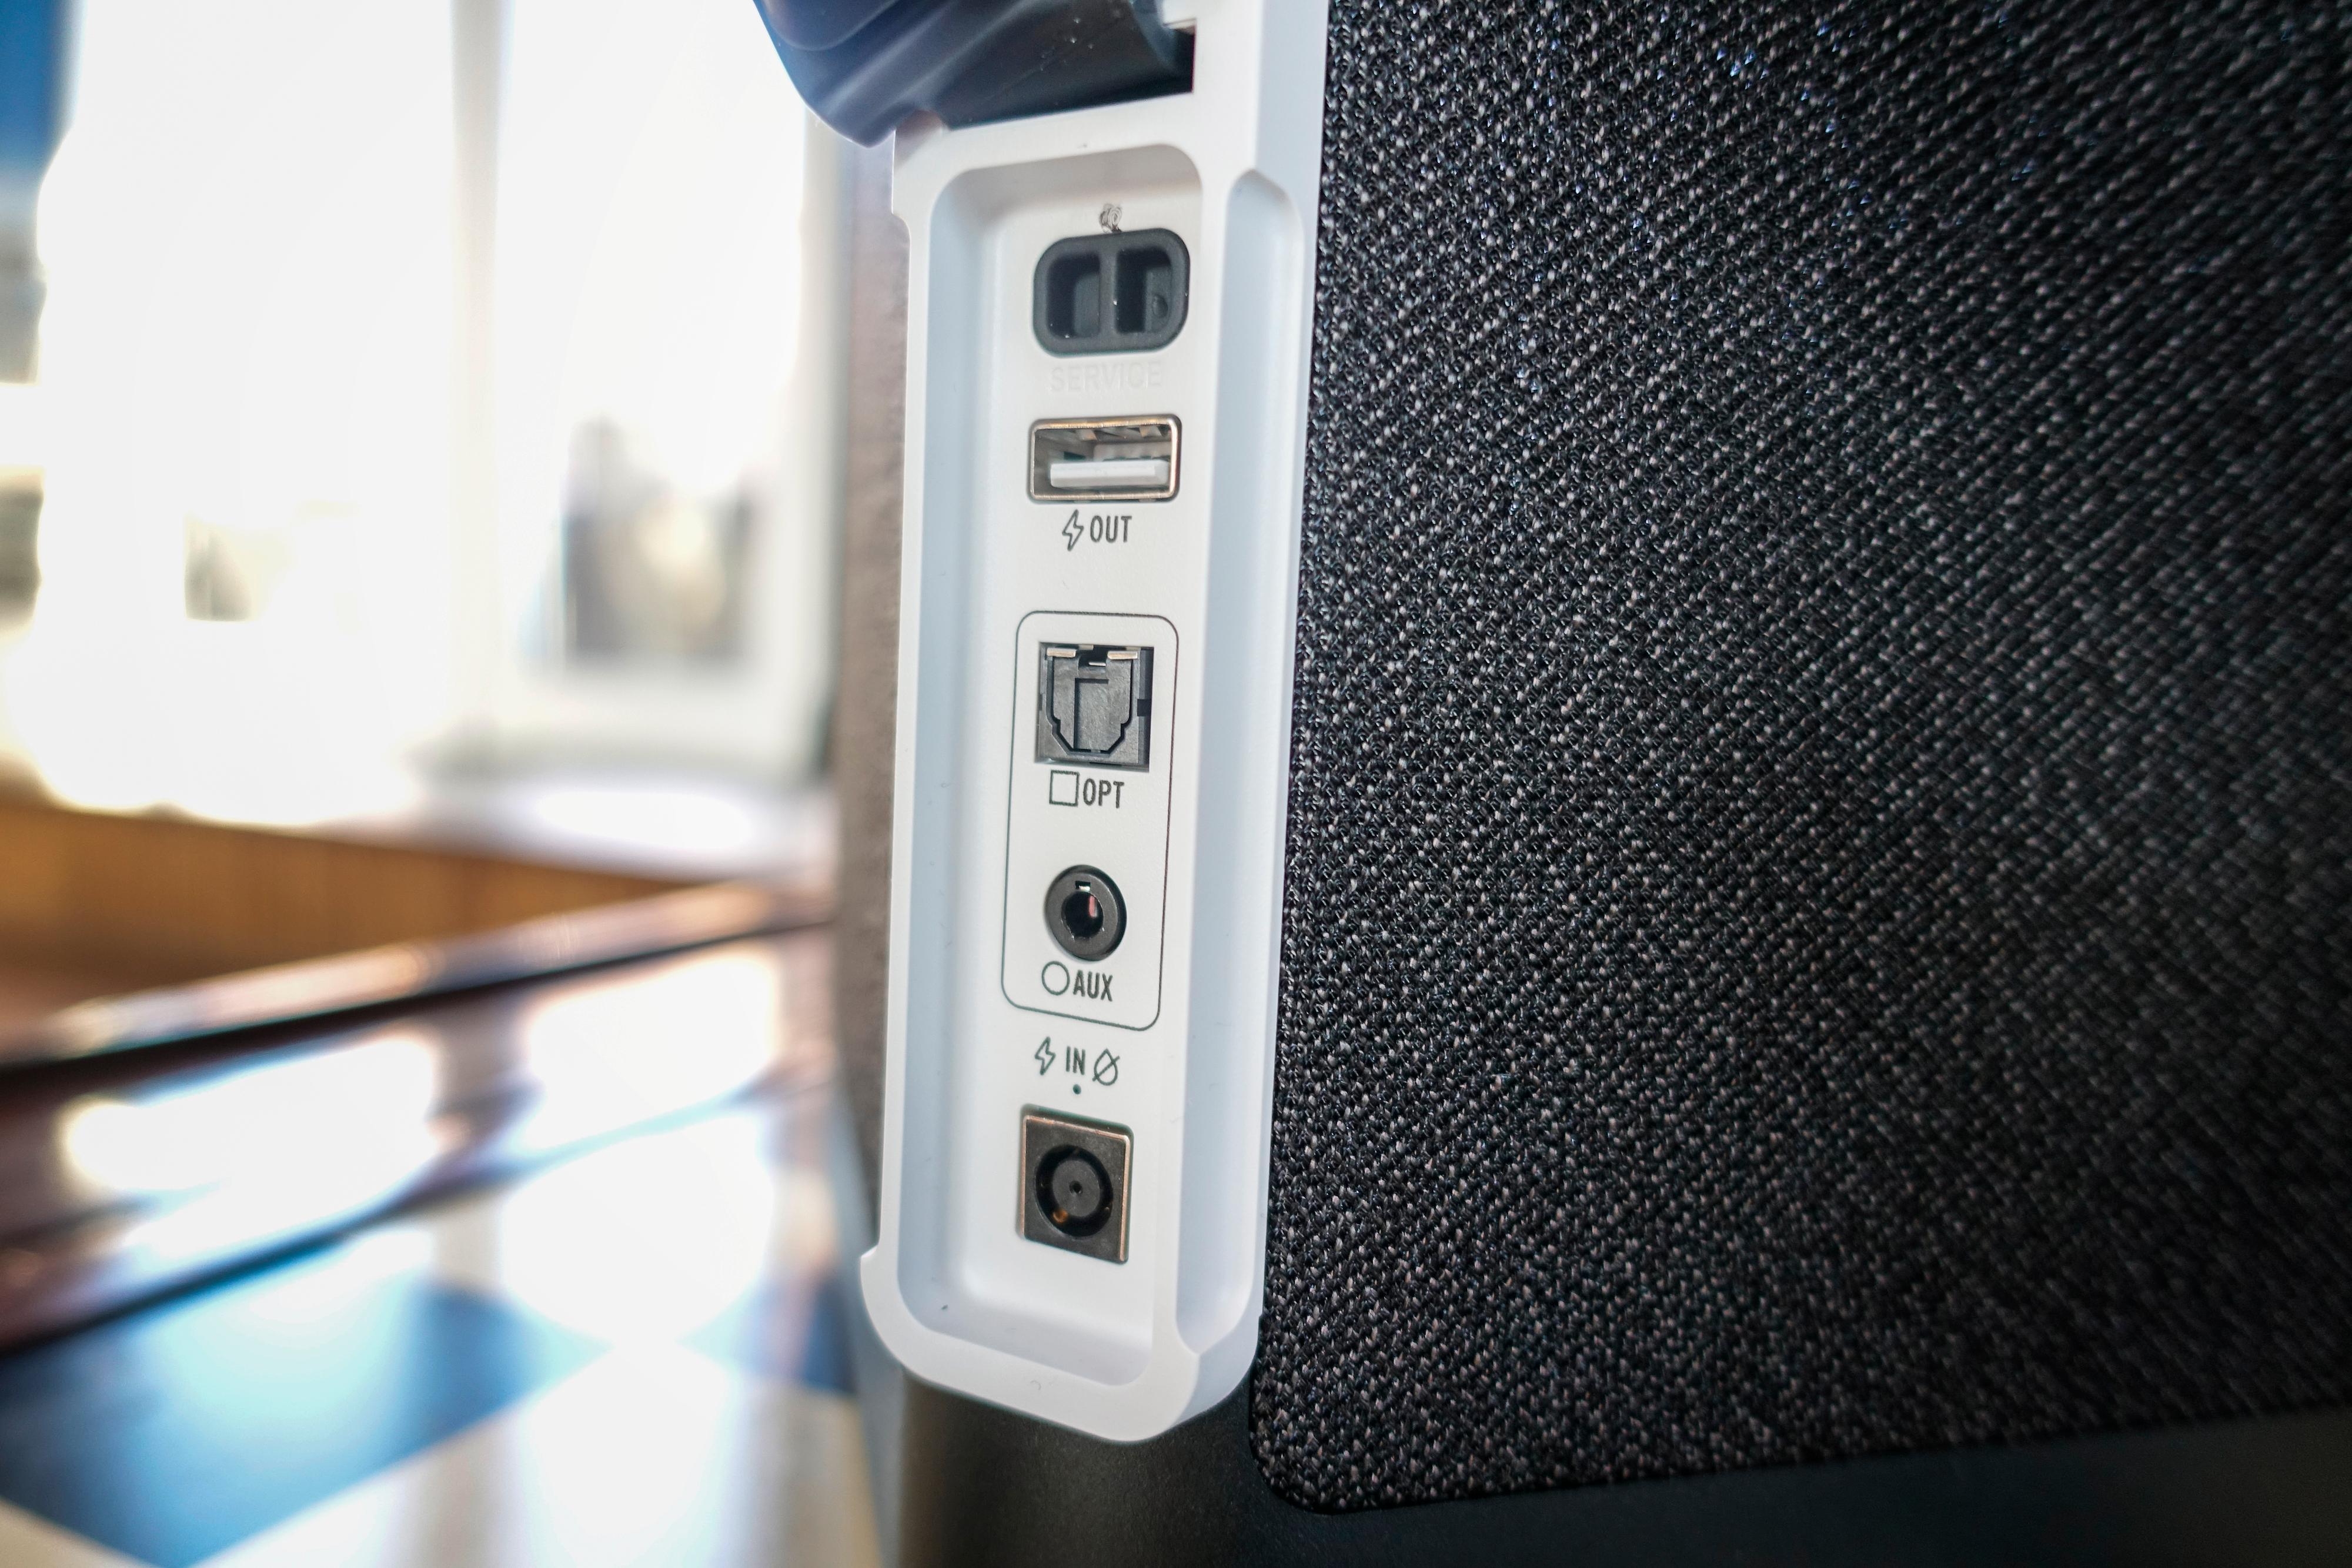 Bak et gummideksel bak finner du diverse innganger og en USB-A-utgang for å kunne lade andre enheter. Den øverste porten er kun for service.